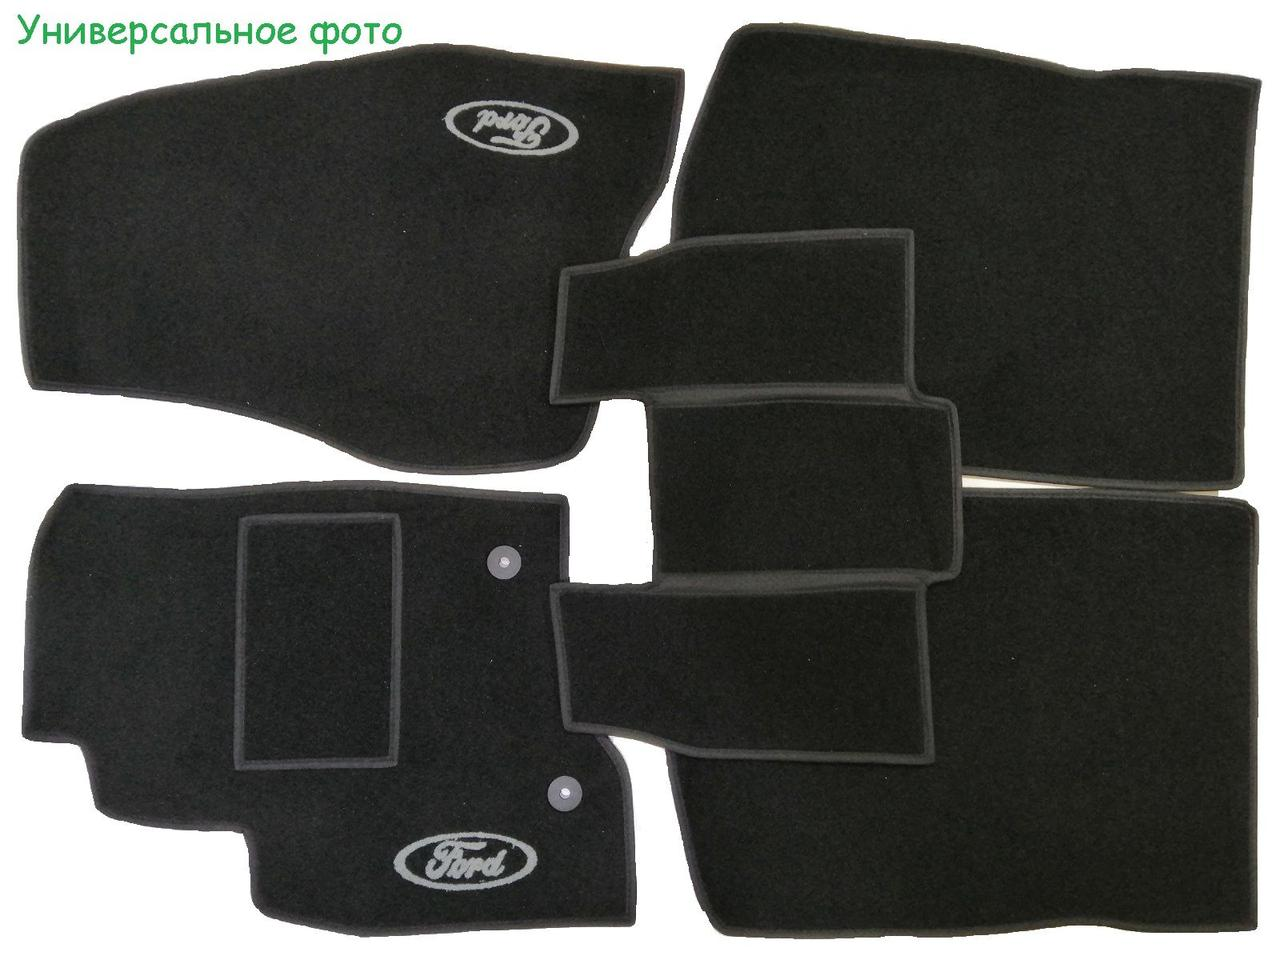 Килимки ворсові в салон Infiniti FX37/FX50/FX30D'09 - чорні